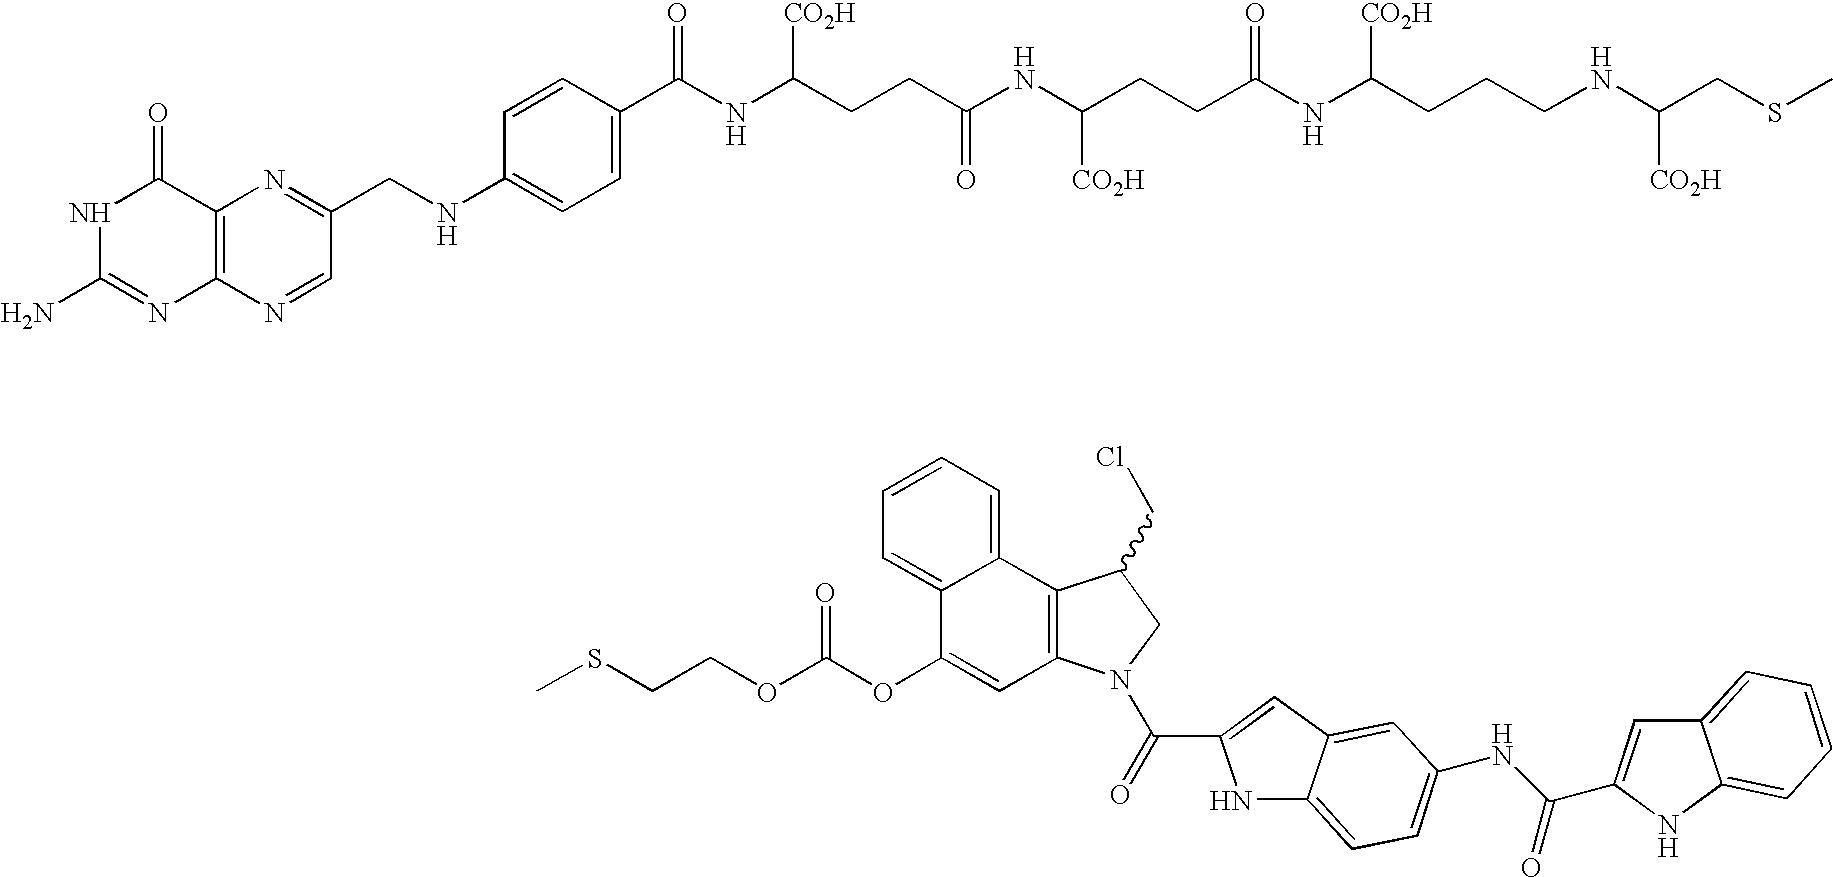 Figure US08288557-20121016-C00034